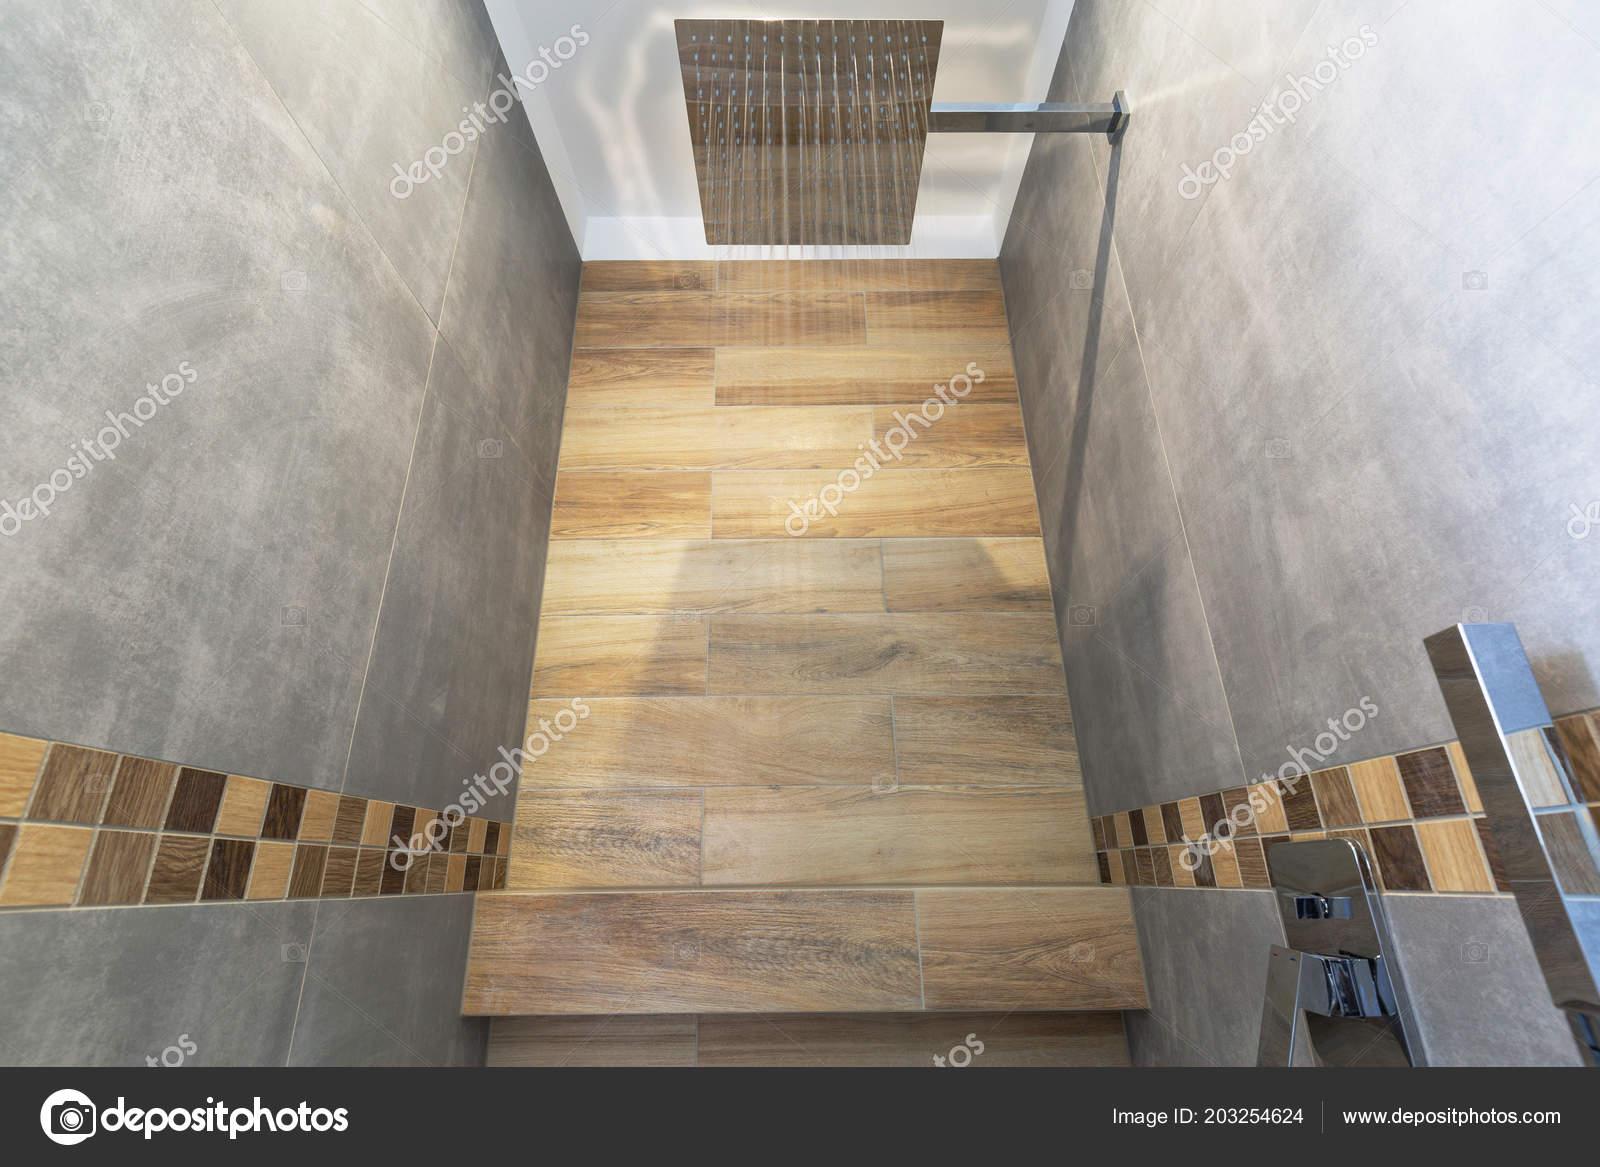 Decorazioni In Legno Per La Casa : Nuovi interni bagno casa tegole cemento grigi con decorazioni